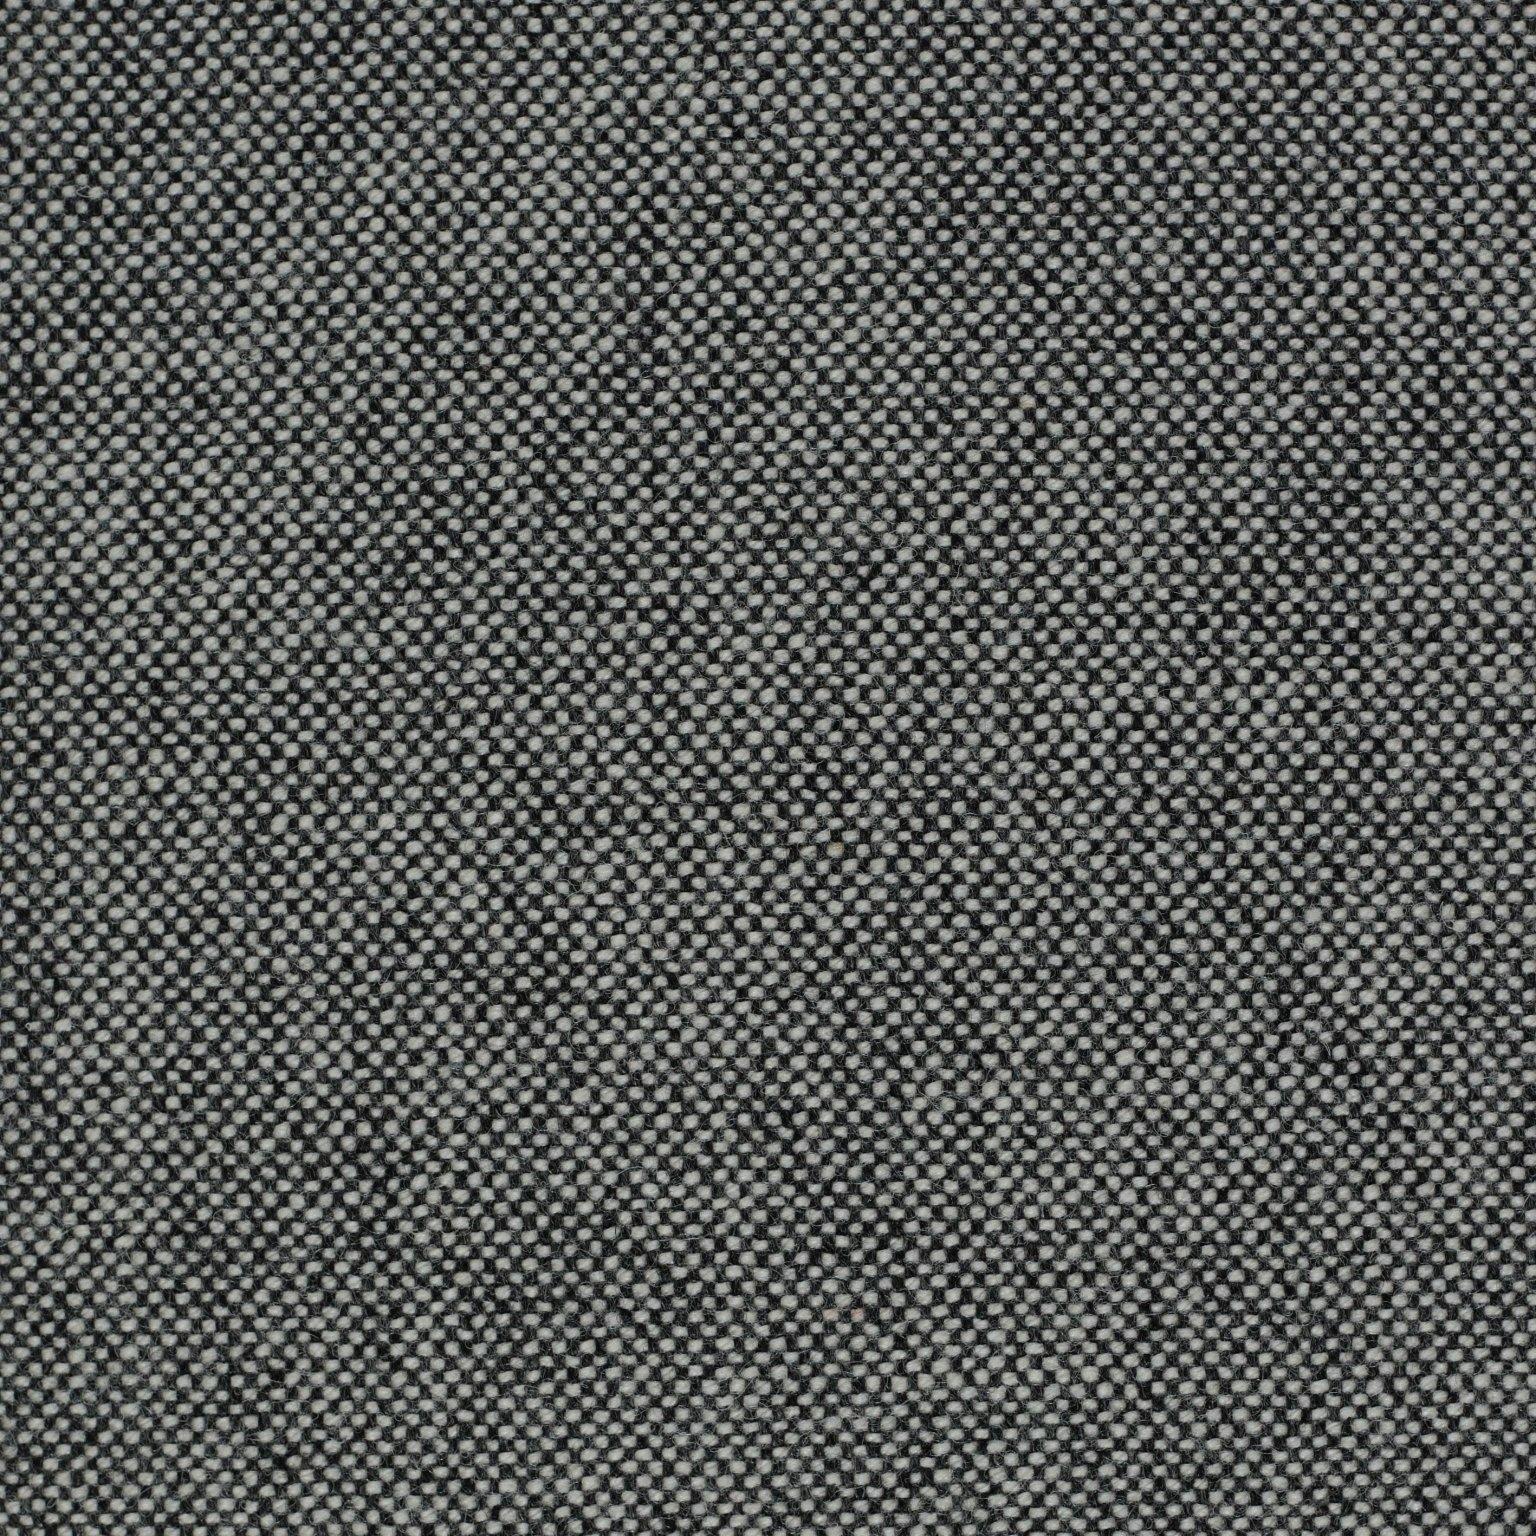 malange grå hallingdal 65 - 126-0